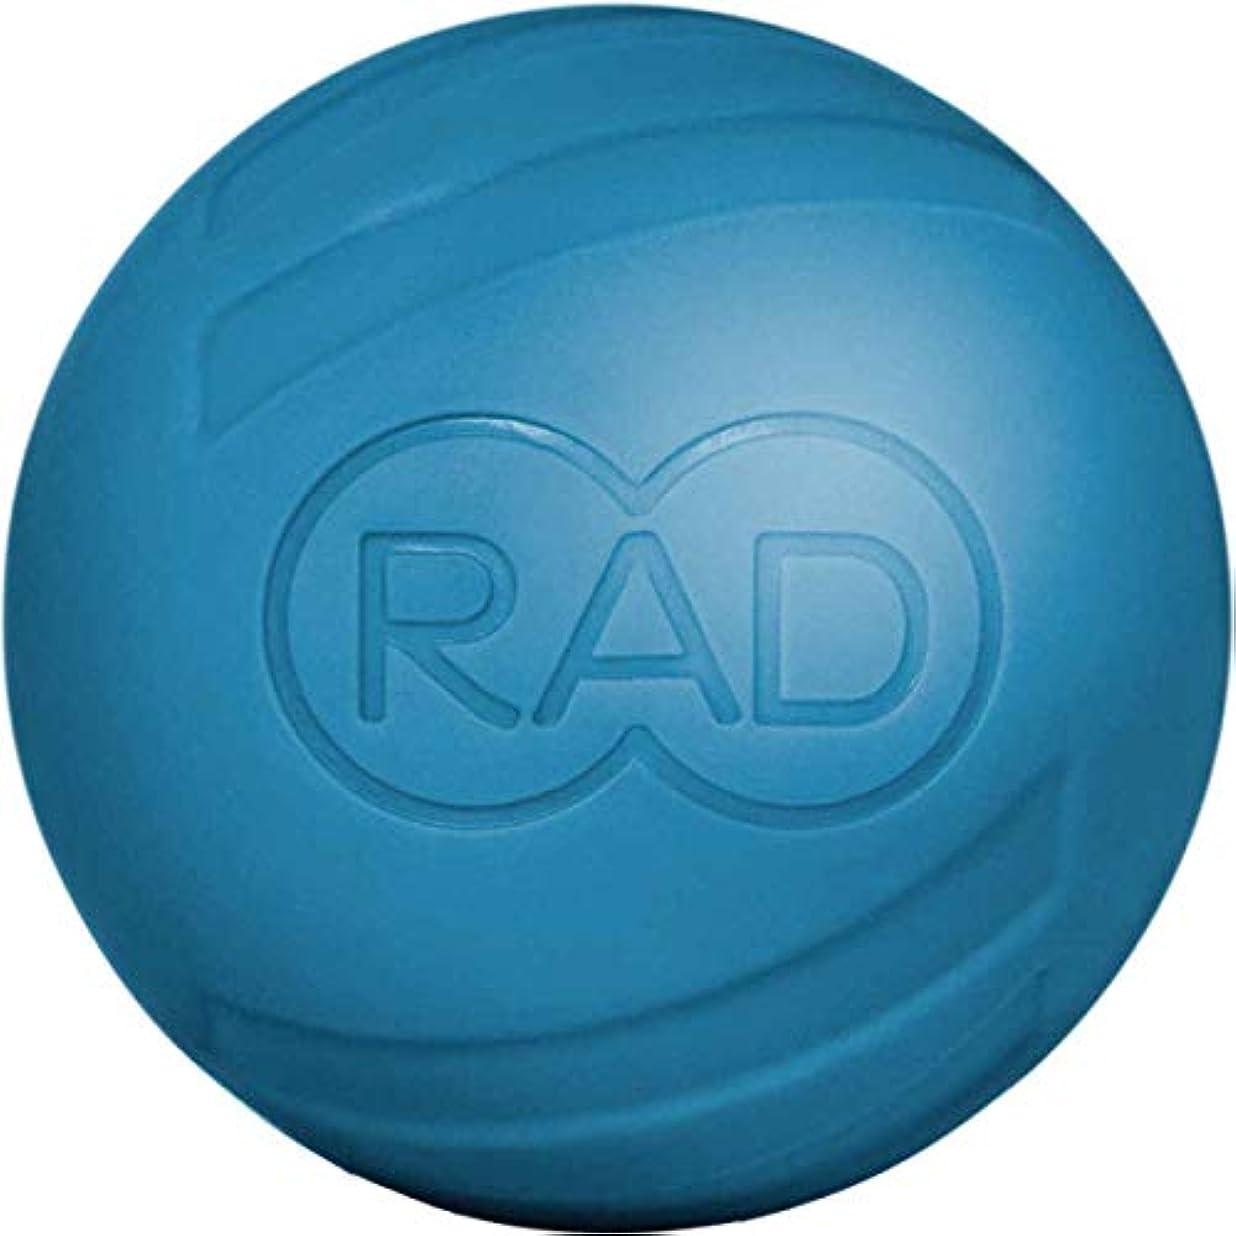 かろうじてサーバ旋回RAD アトム 高密度筋膜リリースツール セルフマッサージで可動性と回復を促します